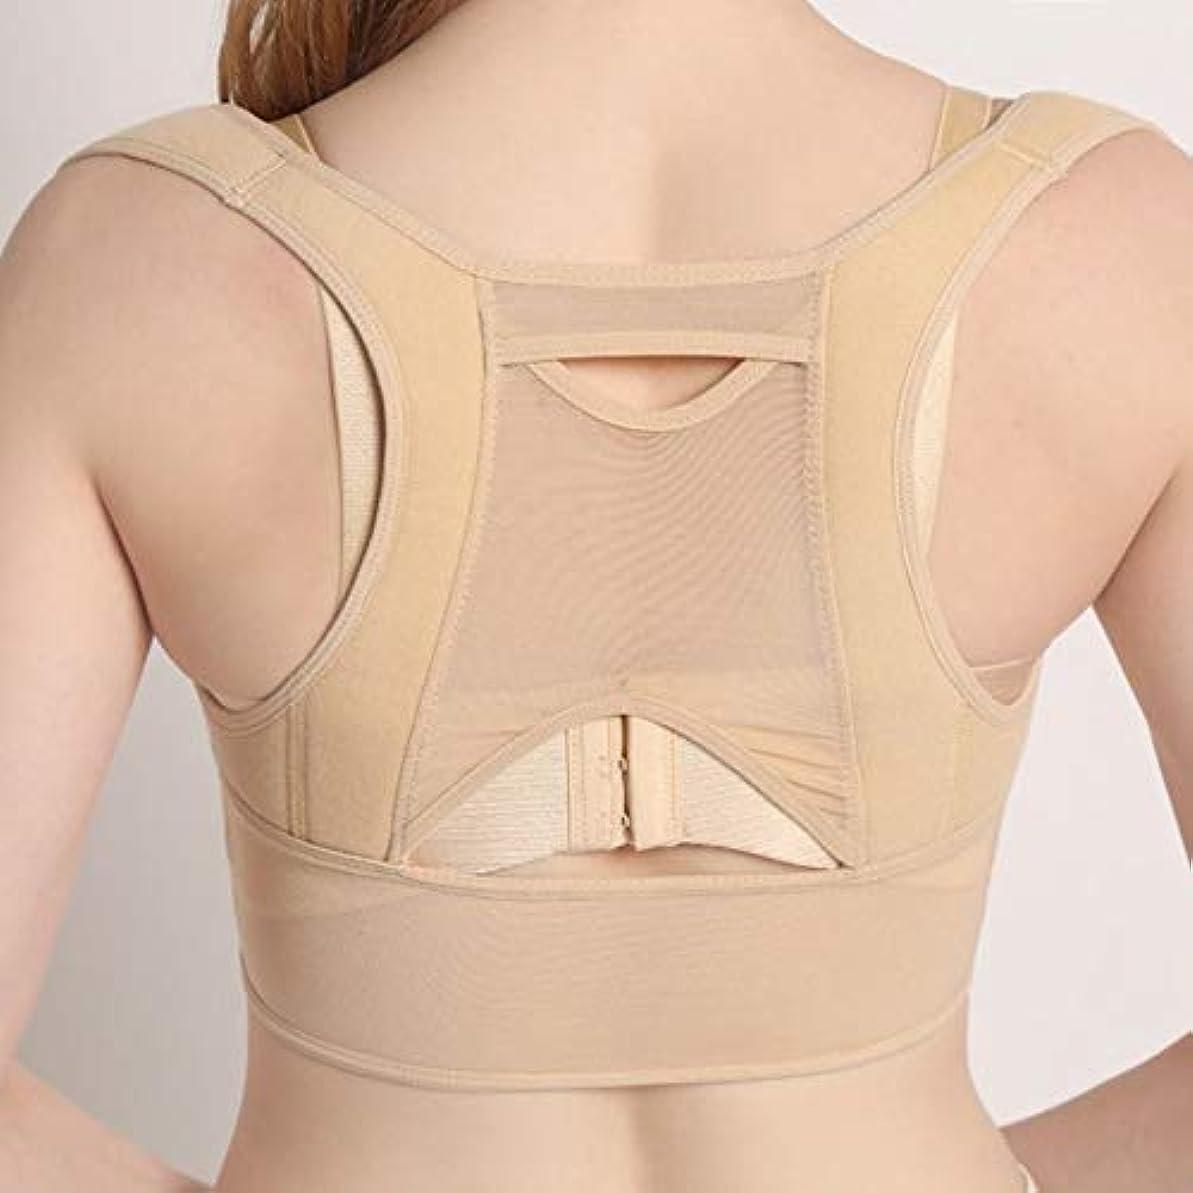 適格しわ不当女性の背部姿勢補正コルセット整形外科の上部背部肩背骨姿勢補正器腰椎サポート-ベージュホワイトM